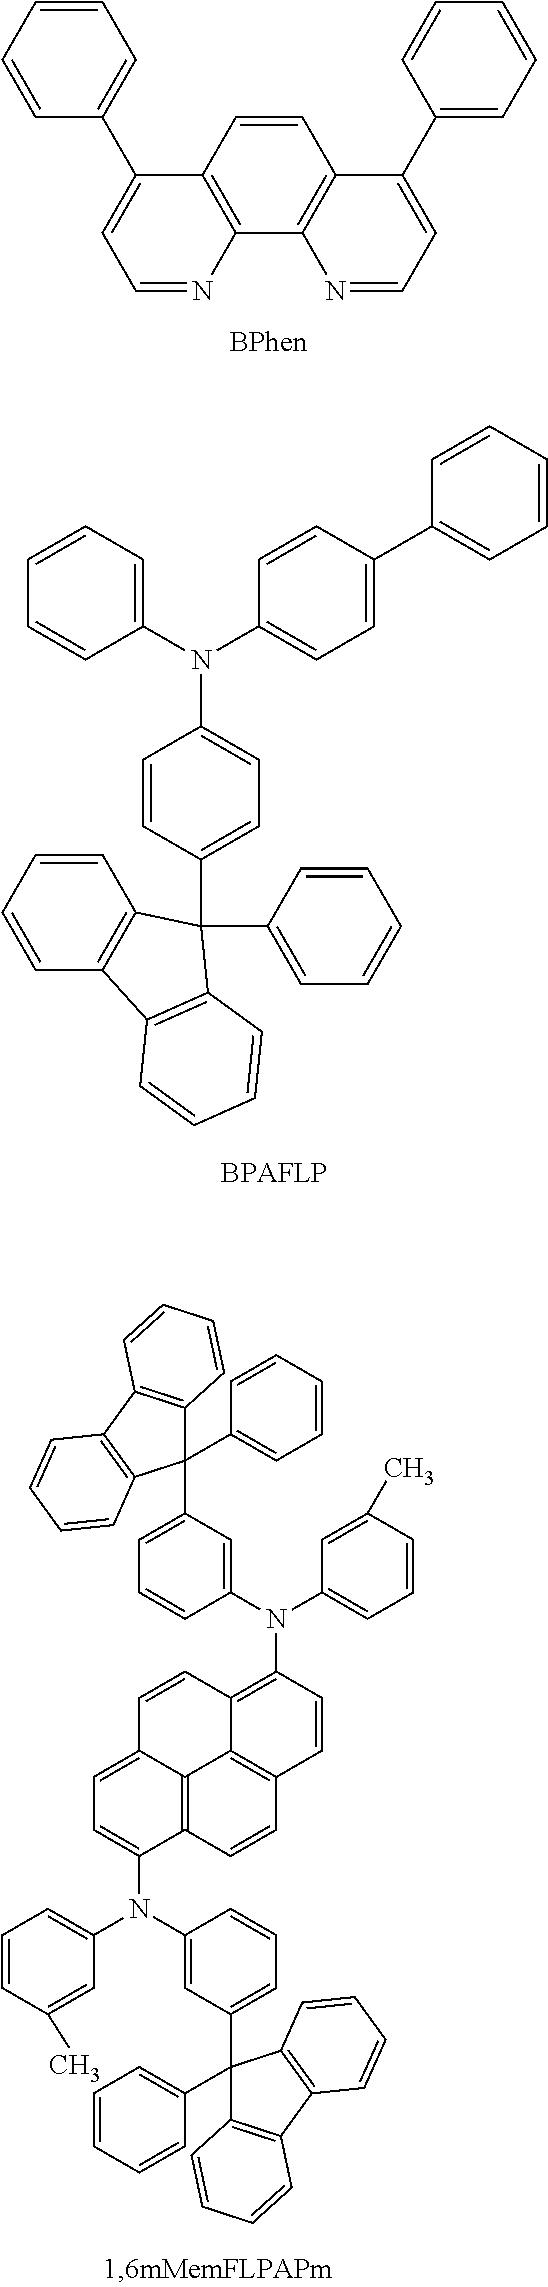 Figure US09391289-20160712-C00009